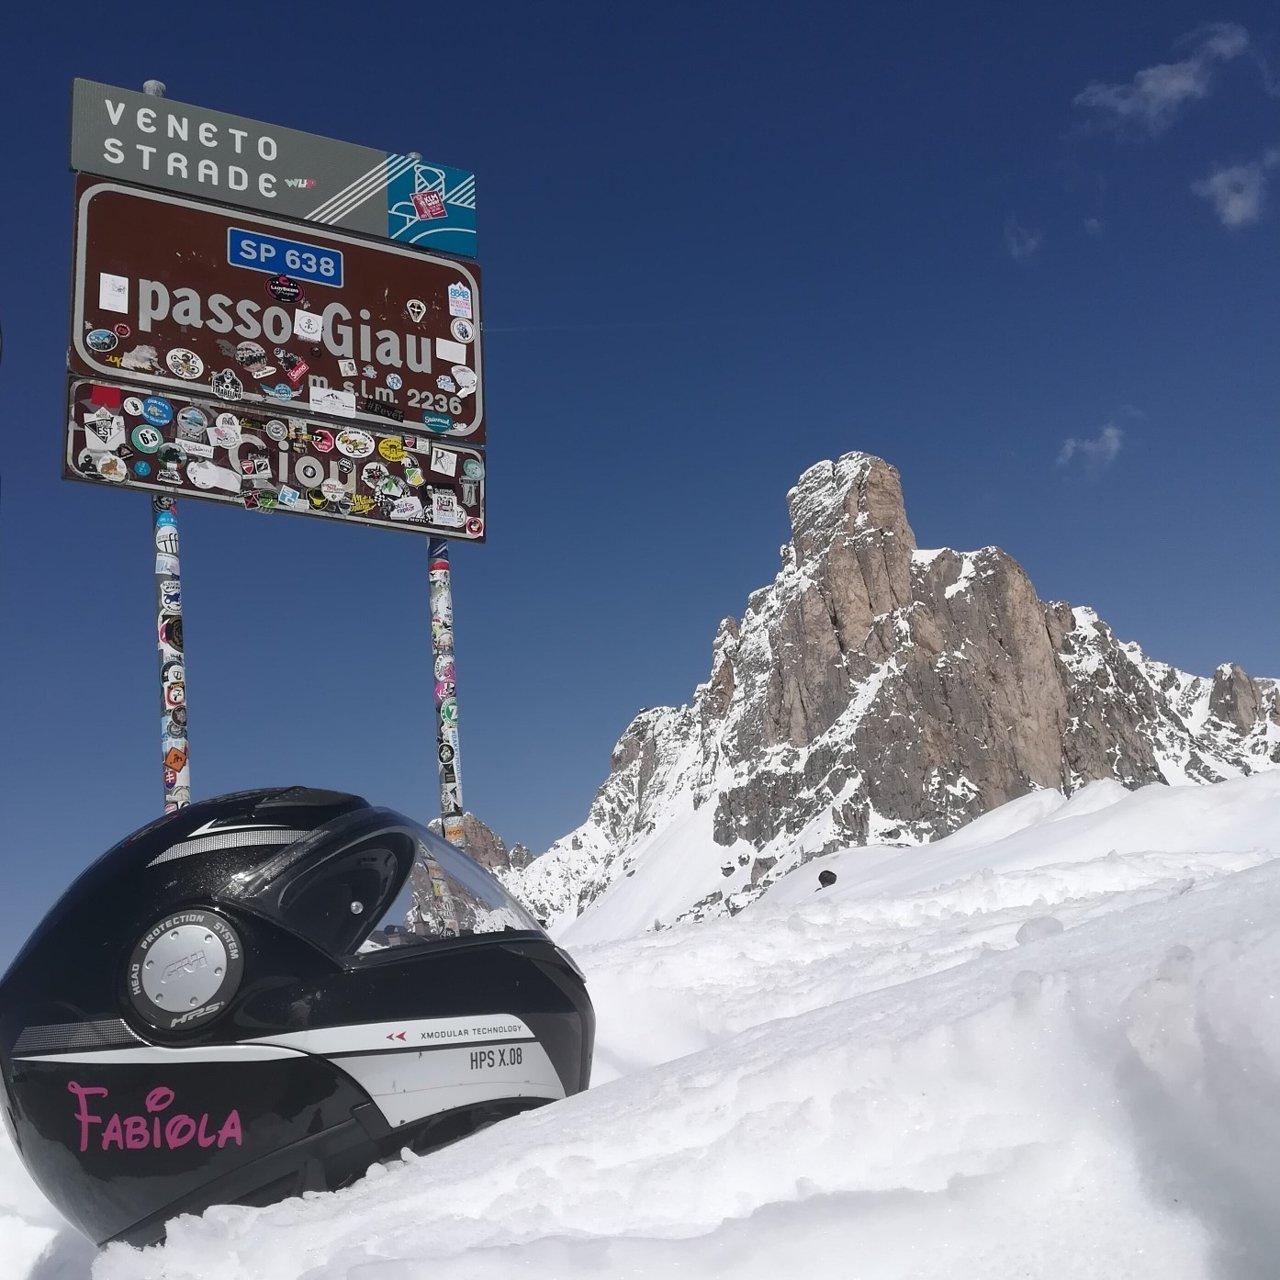 zavorrina Fabiola - Passione per la moto